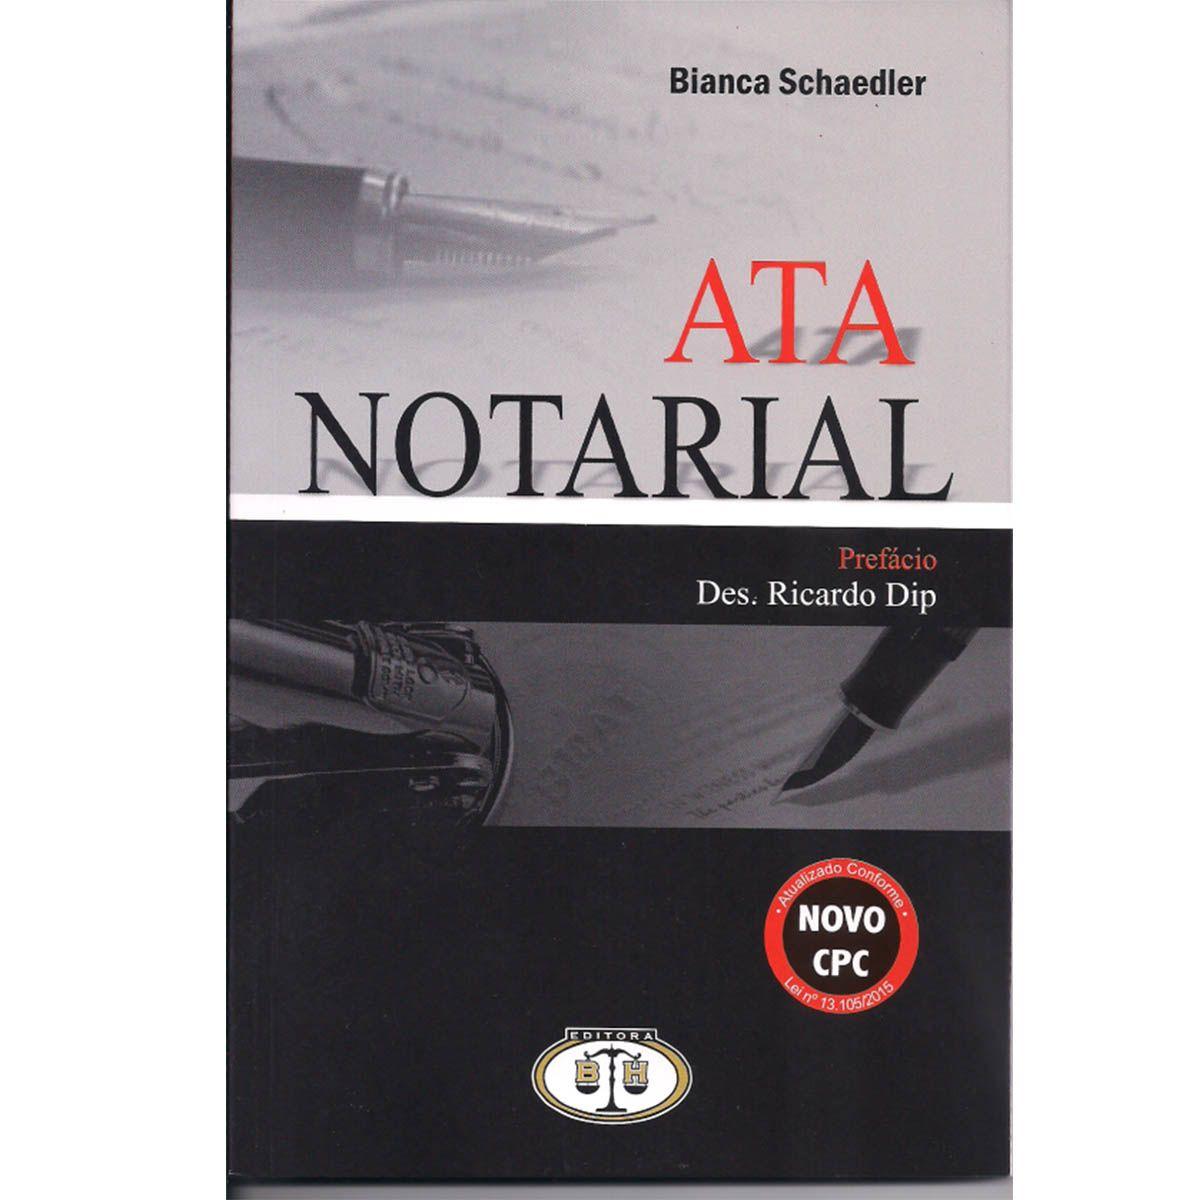 Ata Notarial